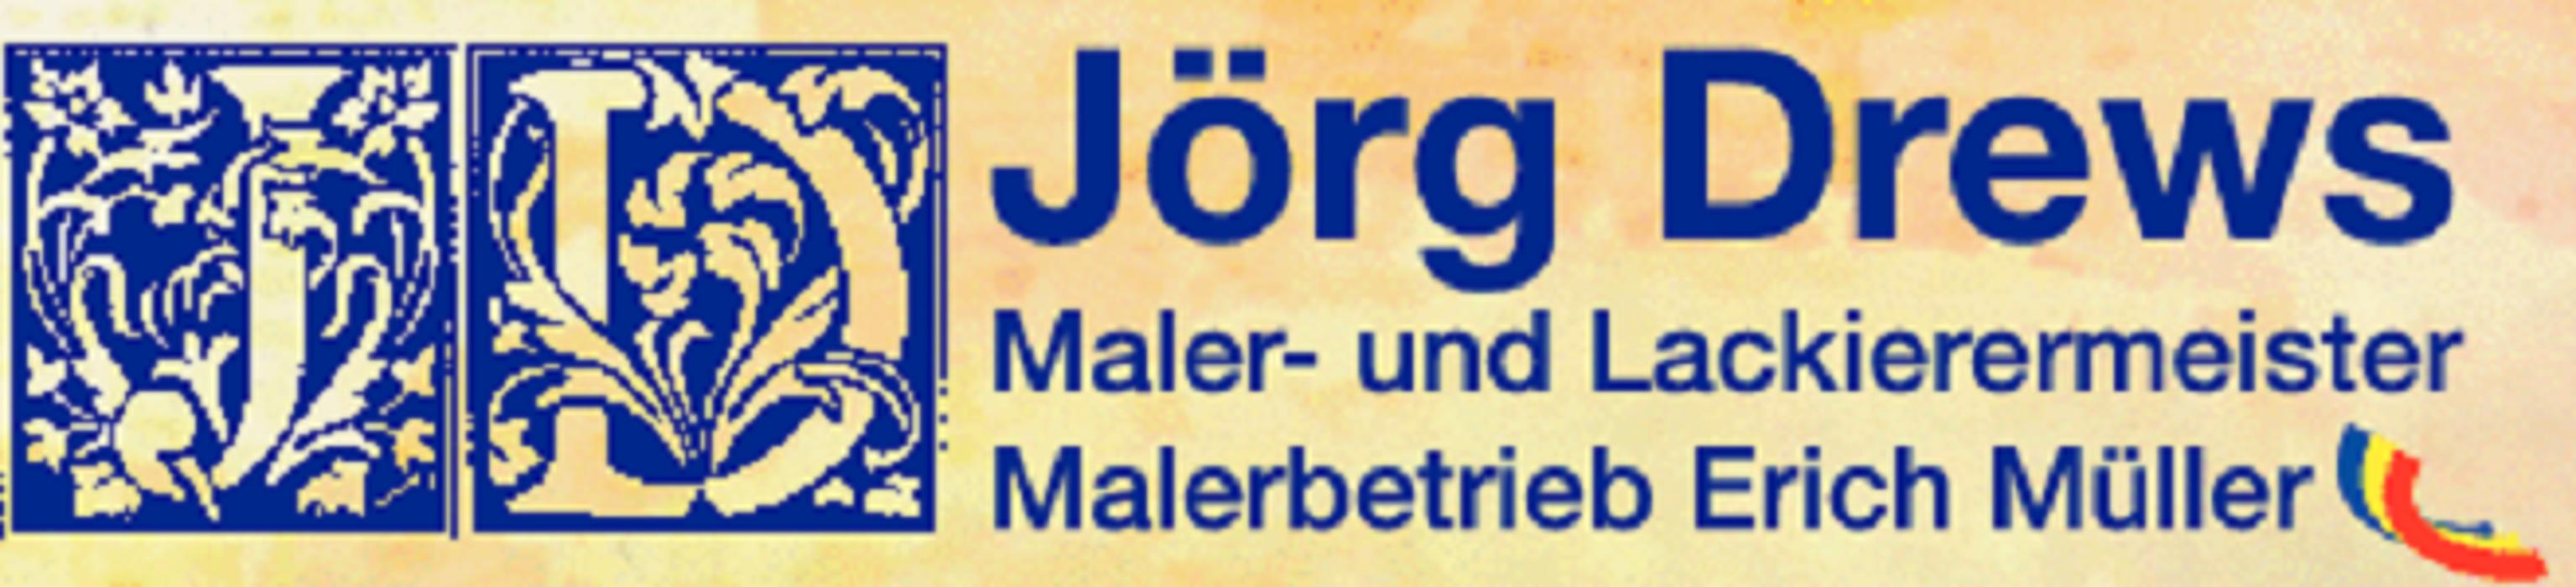 Bild zu Malerbetrieb Erich Müller Inhaber Jörg Drews in Dortmund